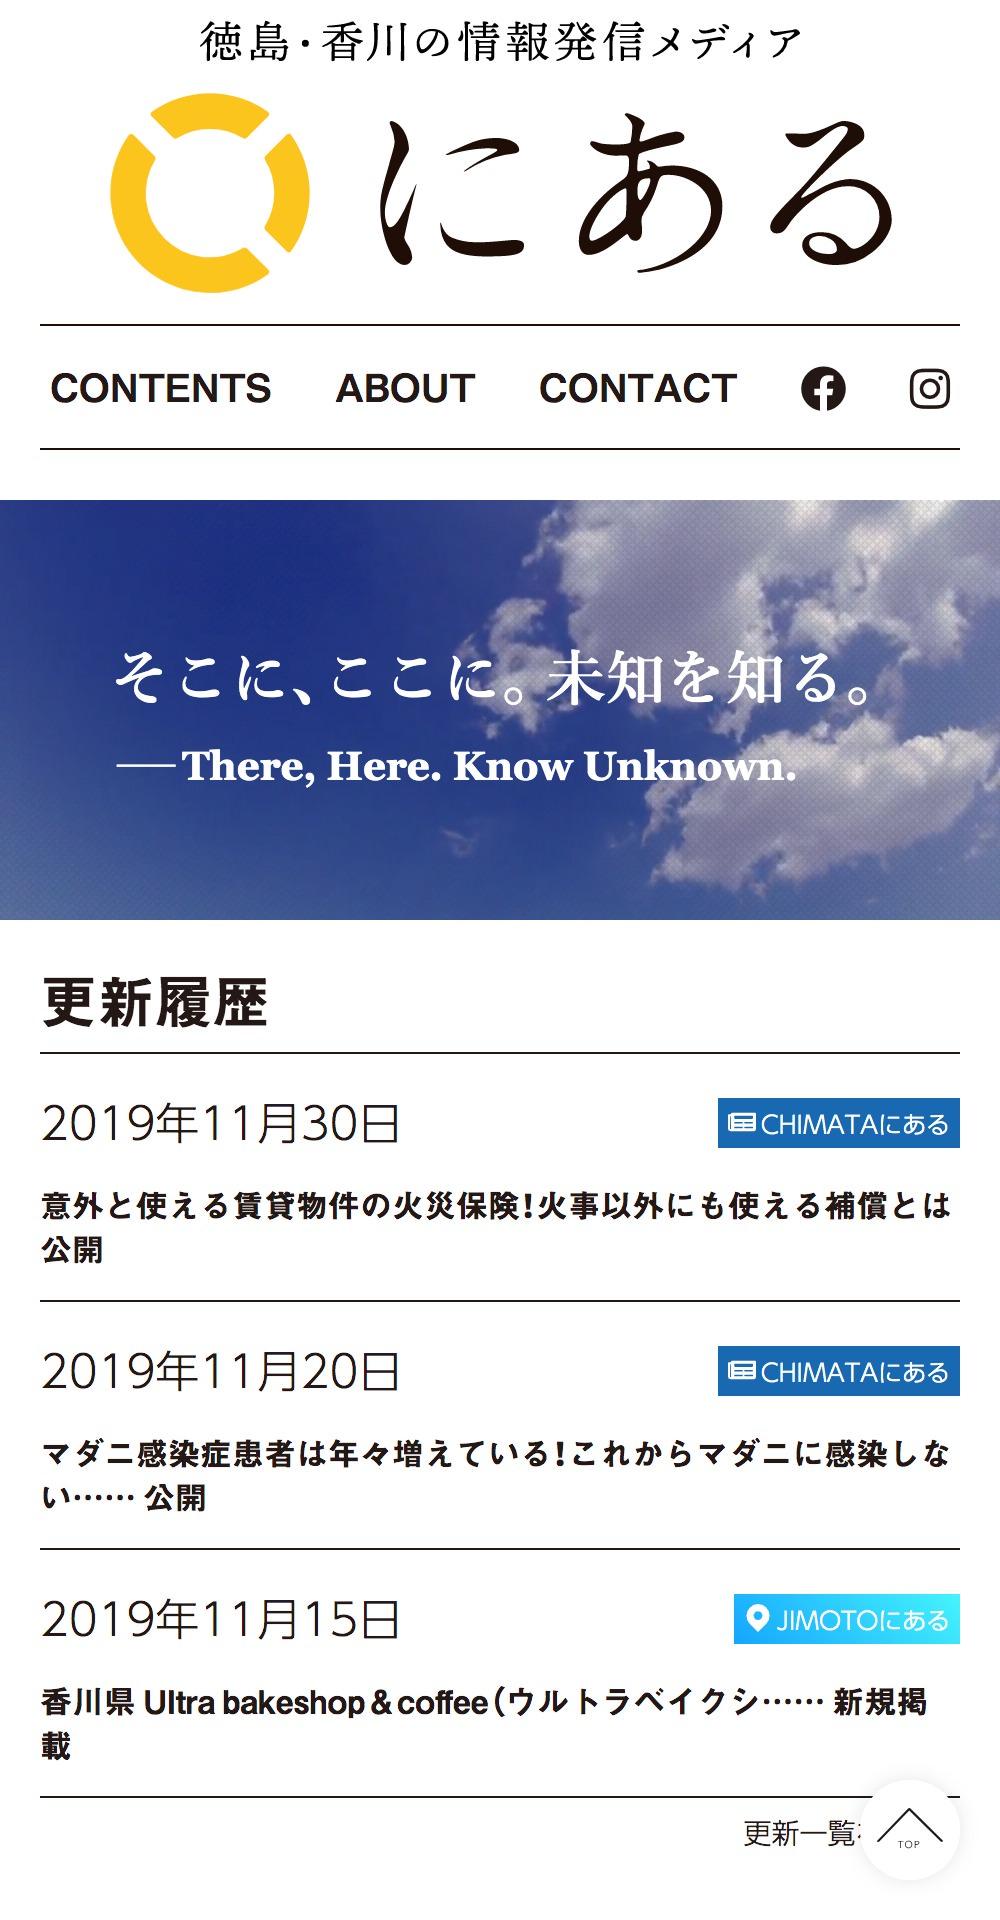 徳島・香川の情報発信メディア にあるのスマートフォンキャプチャ